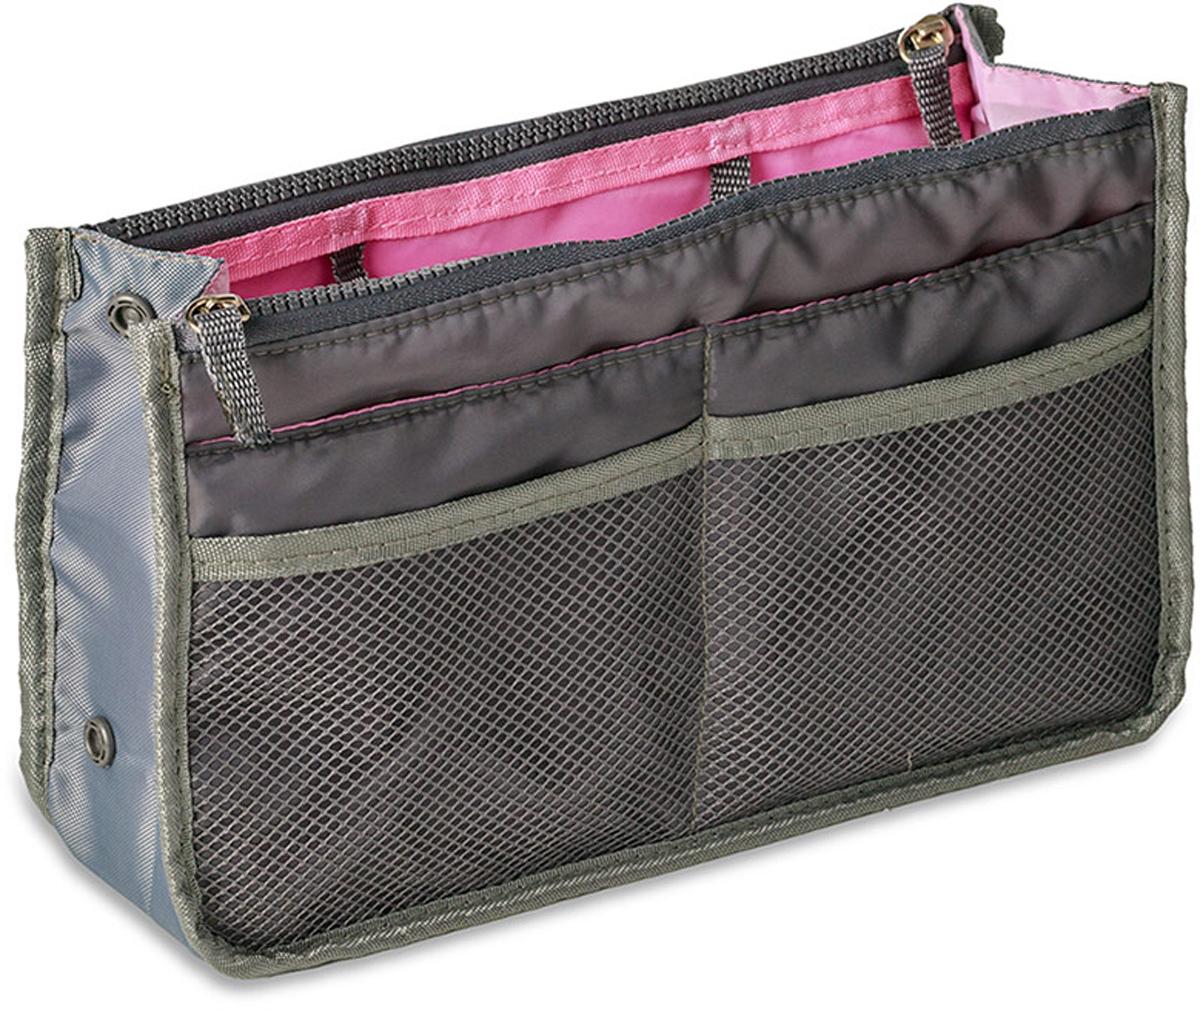 Органайзер для сумки Balvi Kangaroo, цвет: серый26378Есть люди, которые не мыслят жизнь без путешествий и каждый отпуск проводят вне родного города. Если вы принадлежите к их числу, то полезным приобретением будет органайзер для сумки Kangaroo. Этот органайзер испанского производителя Balvi имеет множество кармашков, в которые вы положите все мелочи, так необходимые в дороге: зарядное устройство для телефона, ручку, блокнот, косметические средства и многое другое. Будьте уверены, места для всего хватит. А сам органайзер с легкостью поместится в дорожную сумку, которую вы привыкли брать с собой. - Множество карманов для любых мелочей- Помещается в любую дорожную сумку- Есть кармашки на молнии